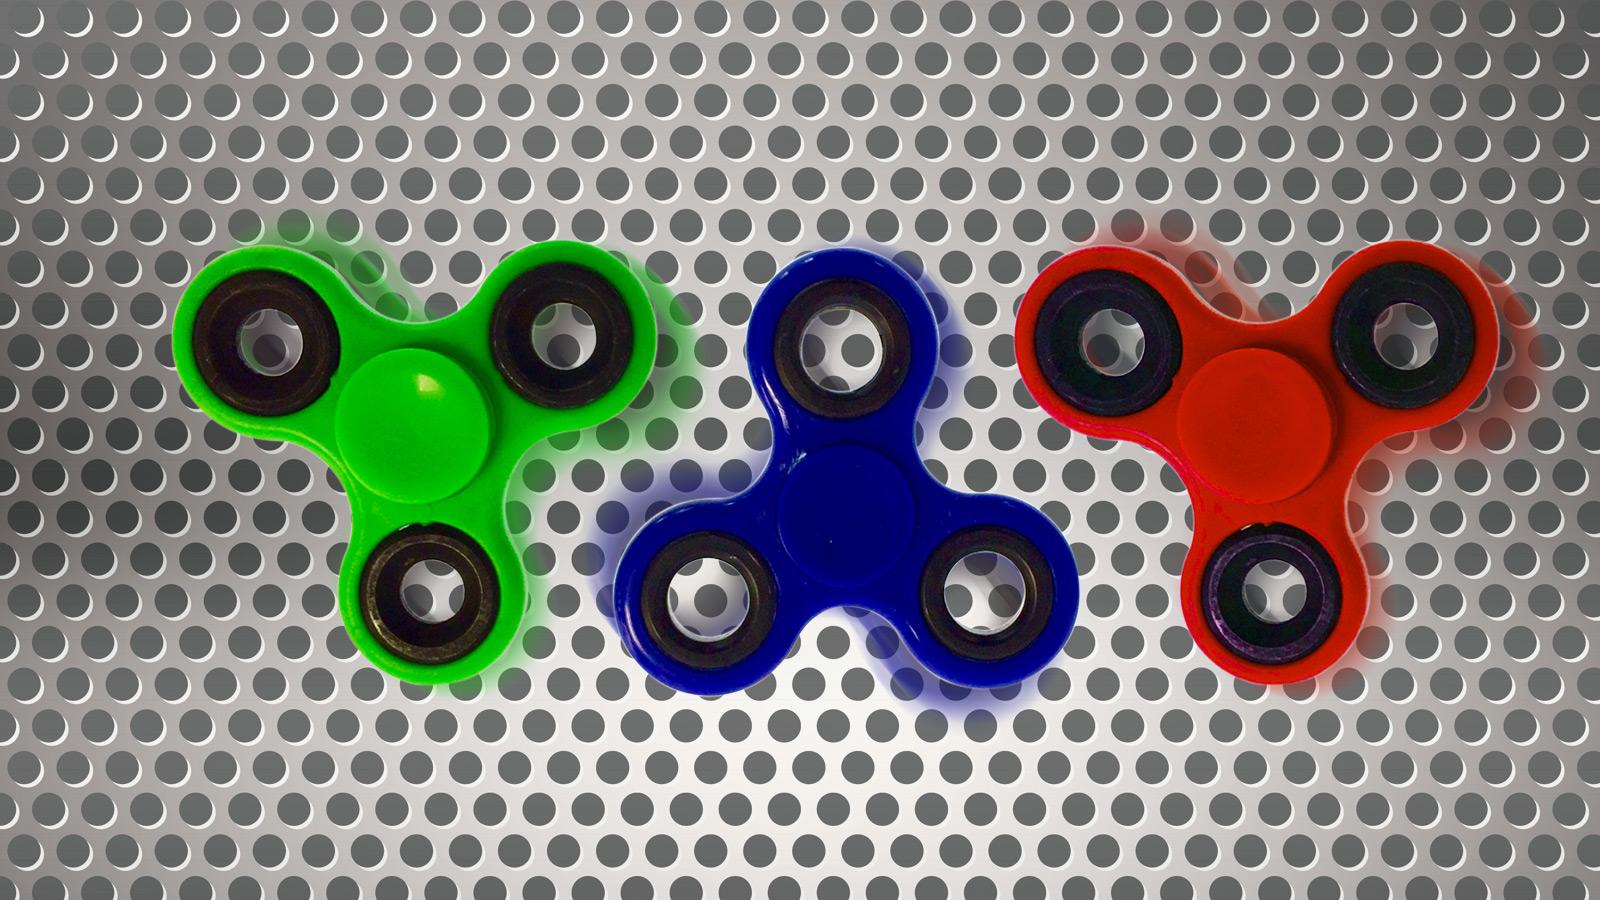 especialistas falam sobre spinner